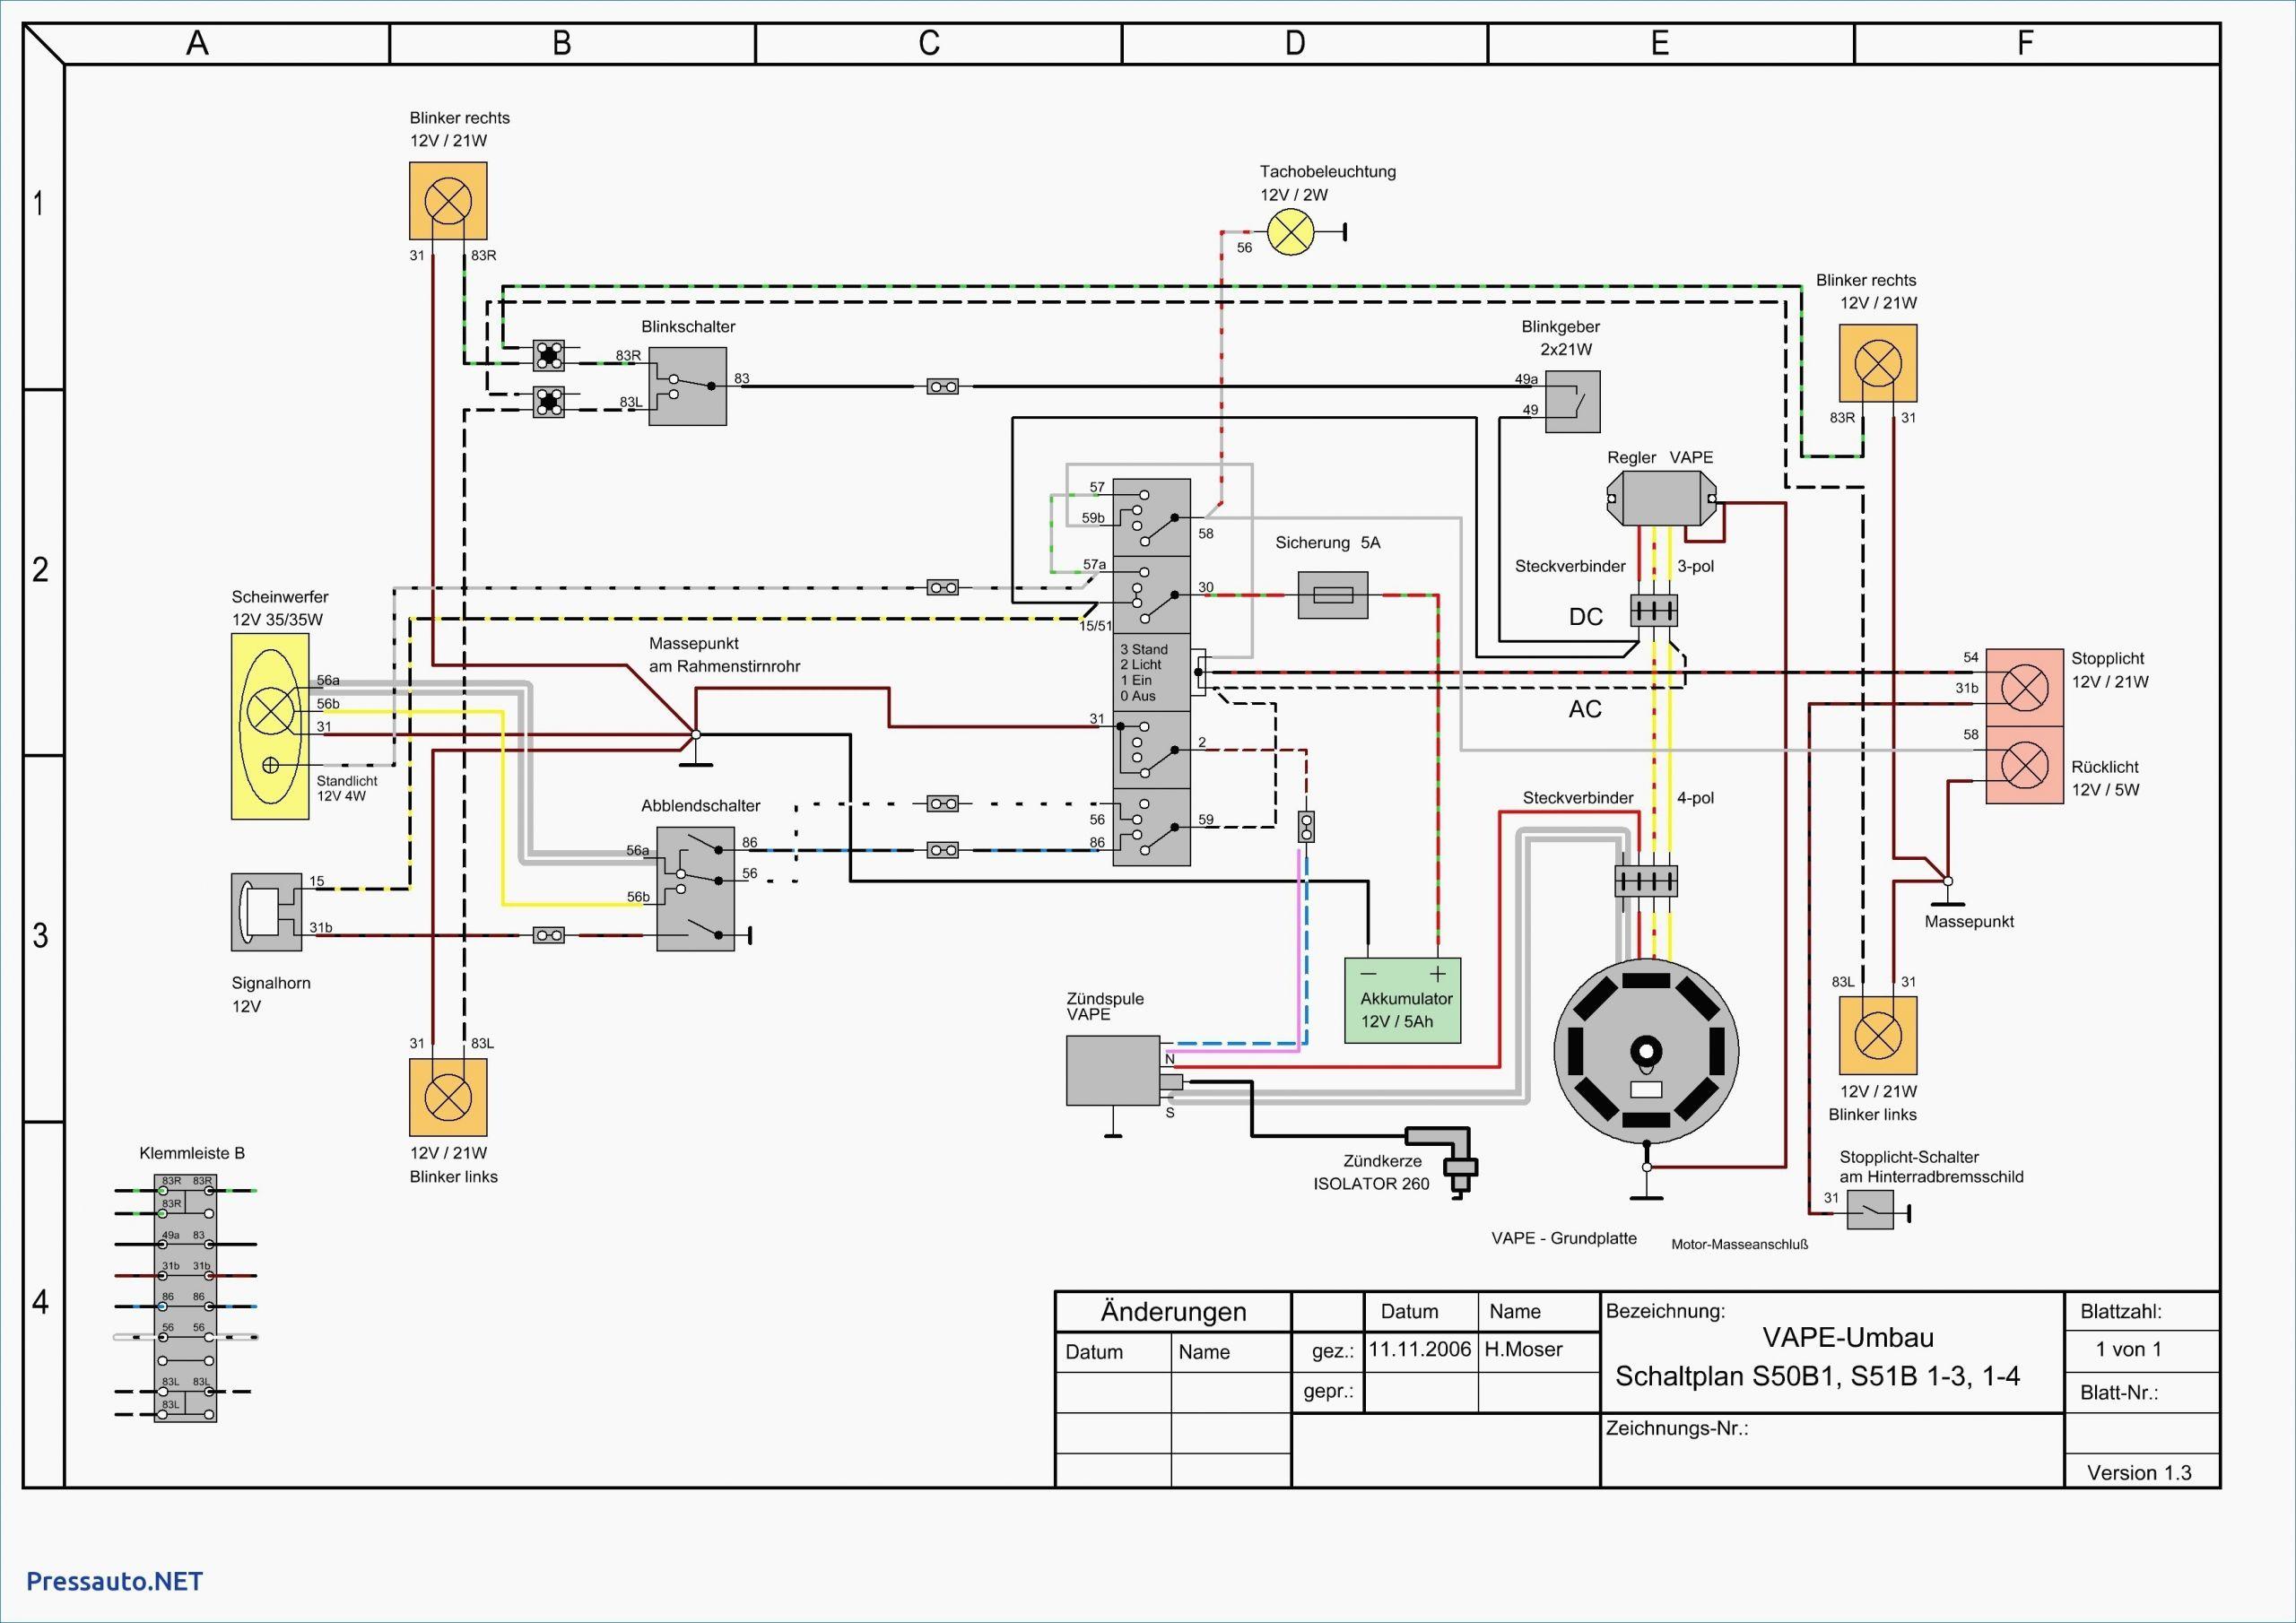 Chinese Quad Electrical Diagram Chinese Quad Wiring Diagram Circuit Diagram Of Chinese Quad Electrical Diagram